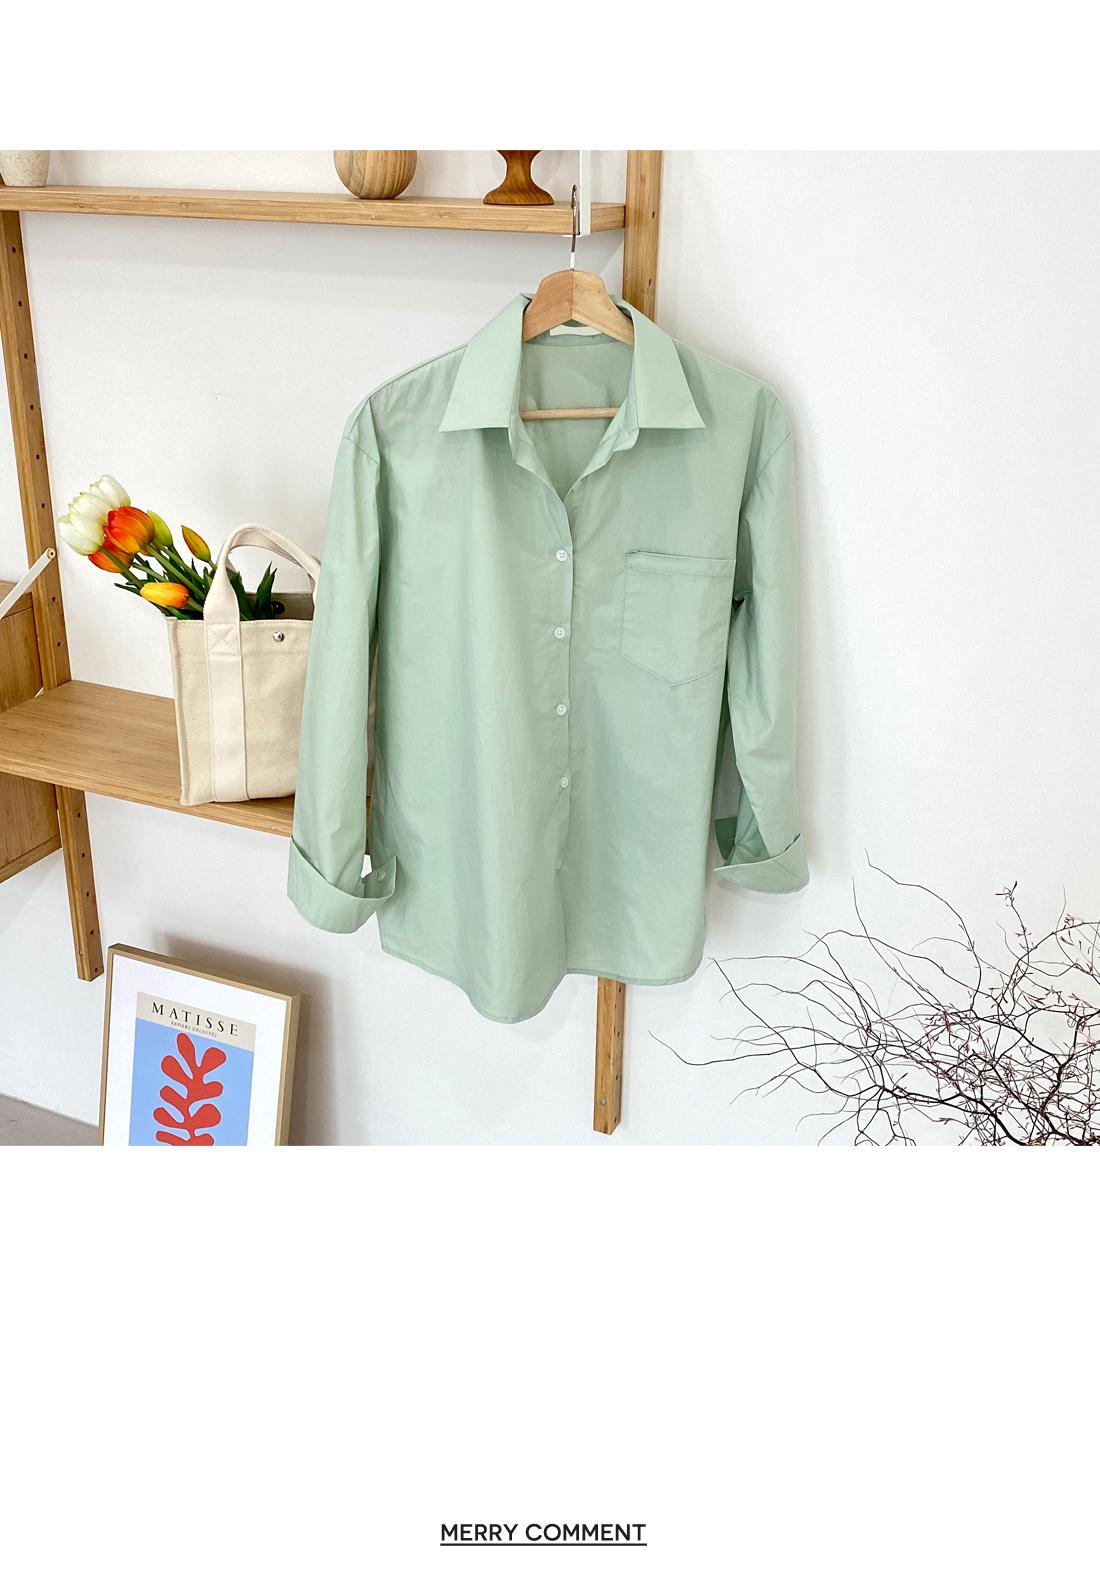 Picnic solid shirt